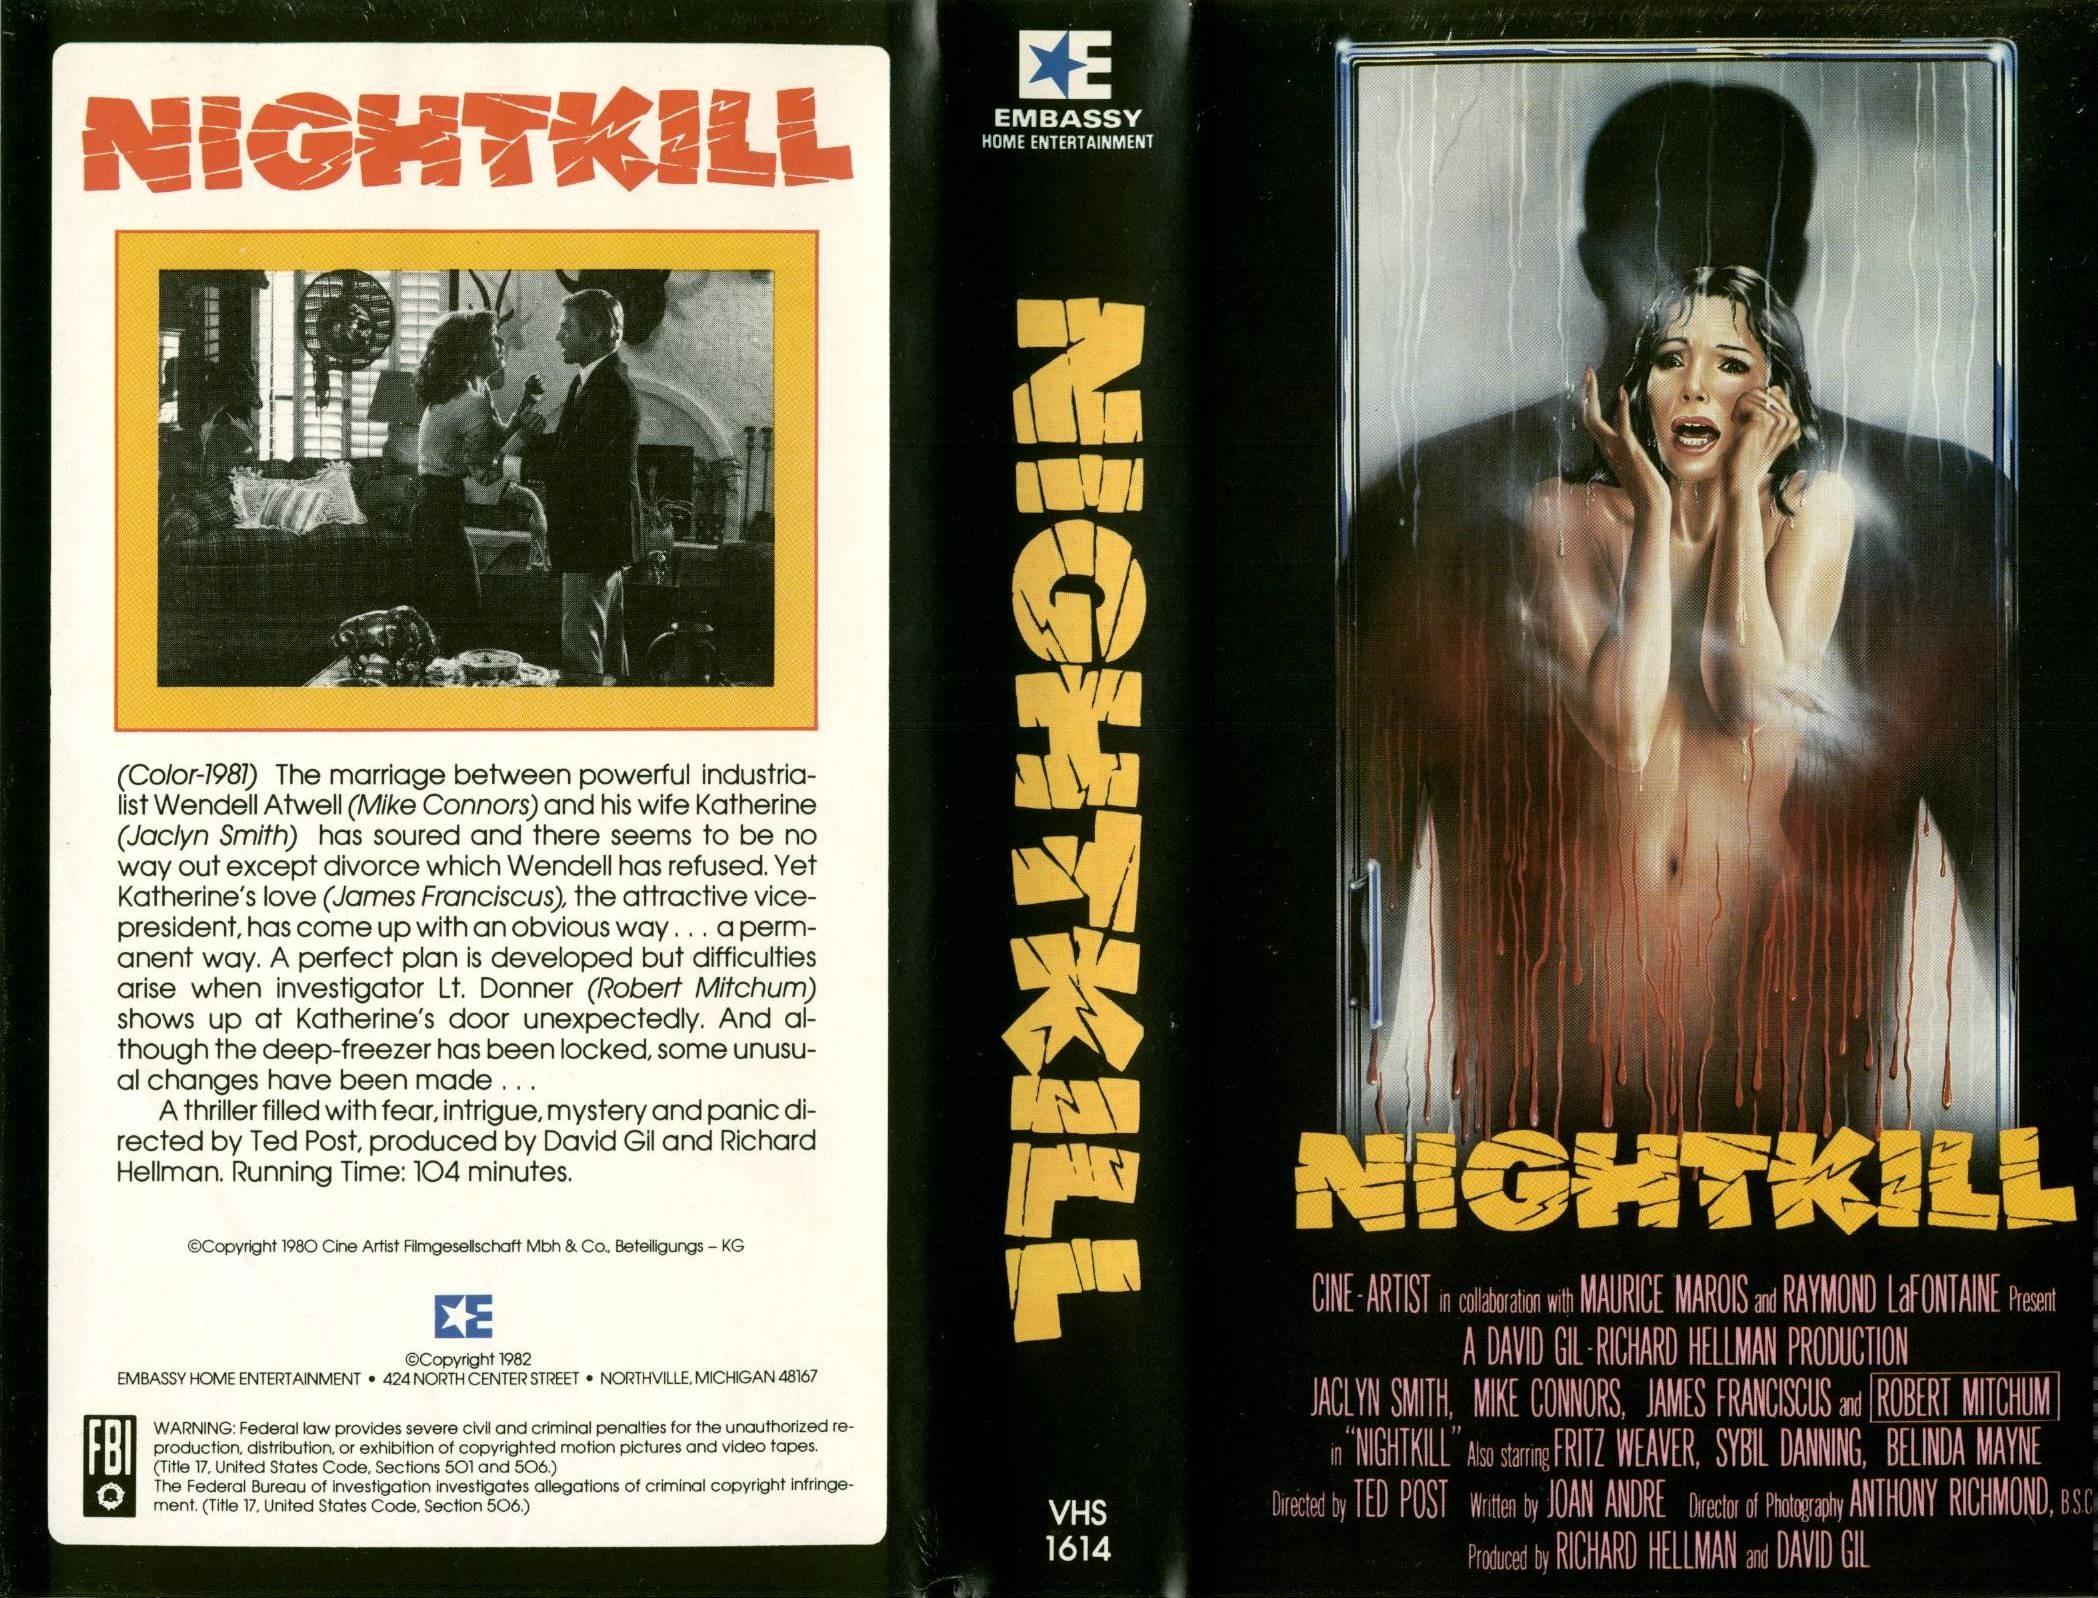 nightkill 1980 trailer